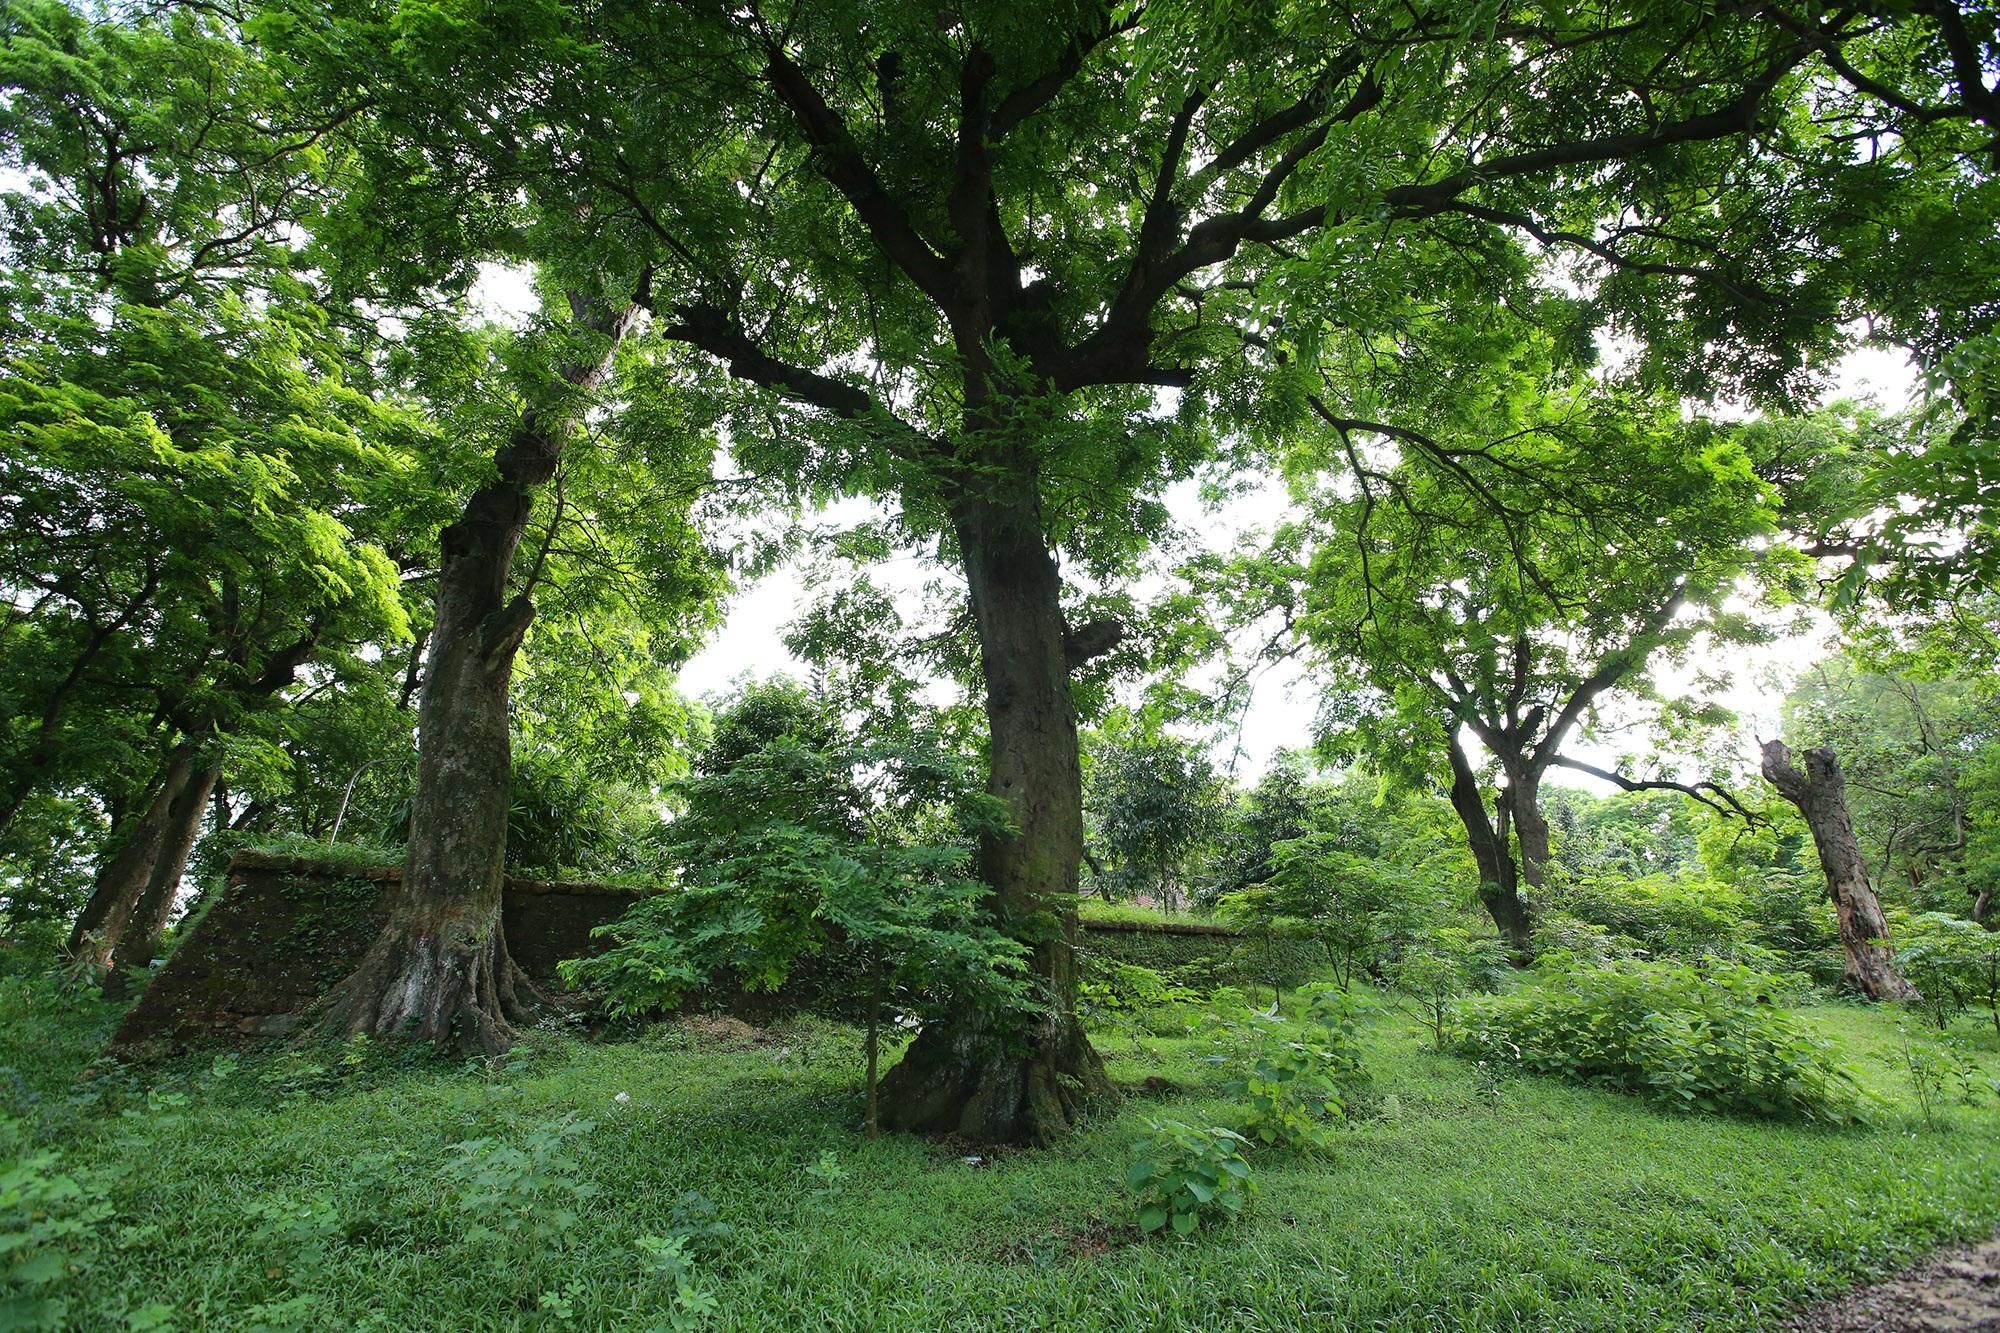 Rừng lim xanh cổ thụ hơn nghìn năm tuổi ngay tại Hà Nội - 2